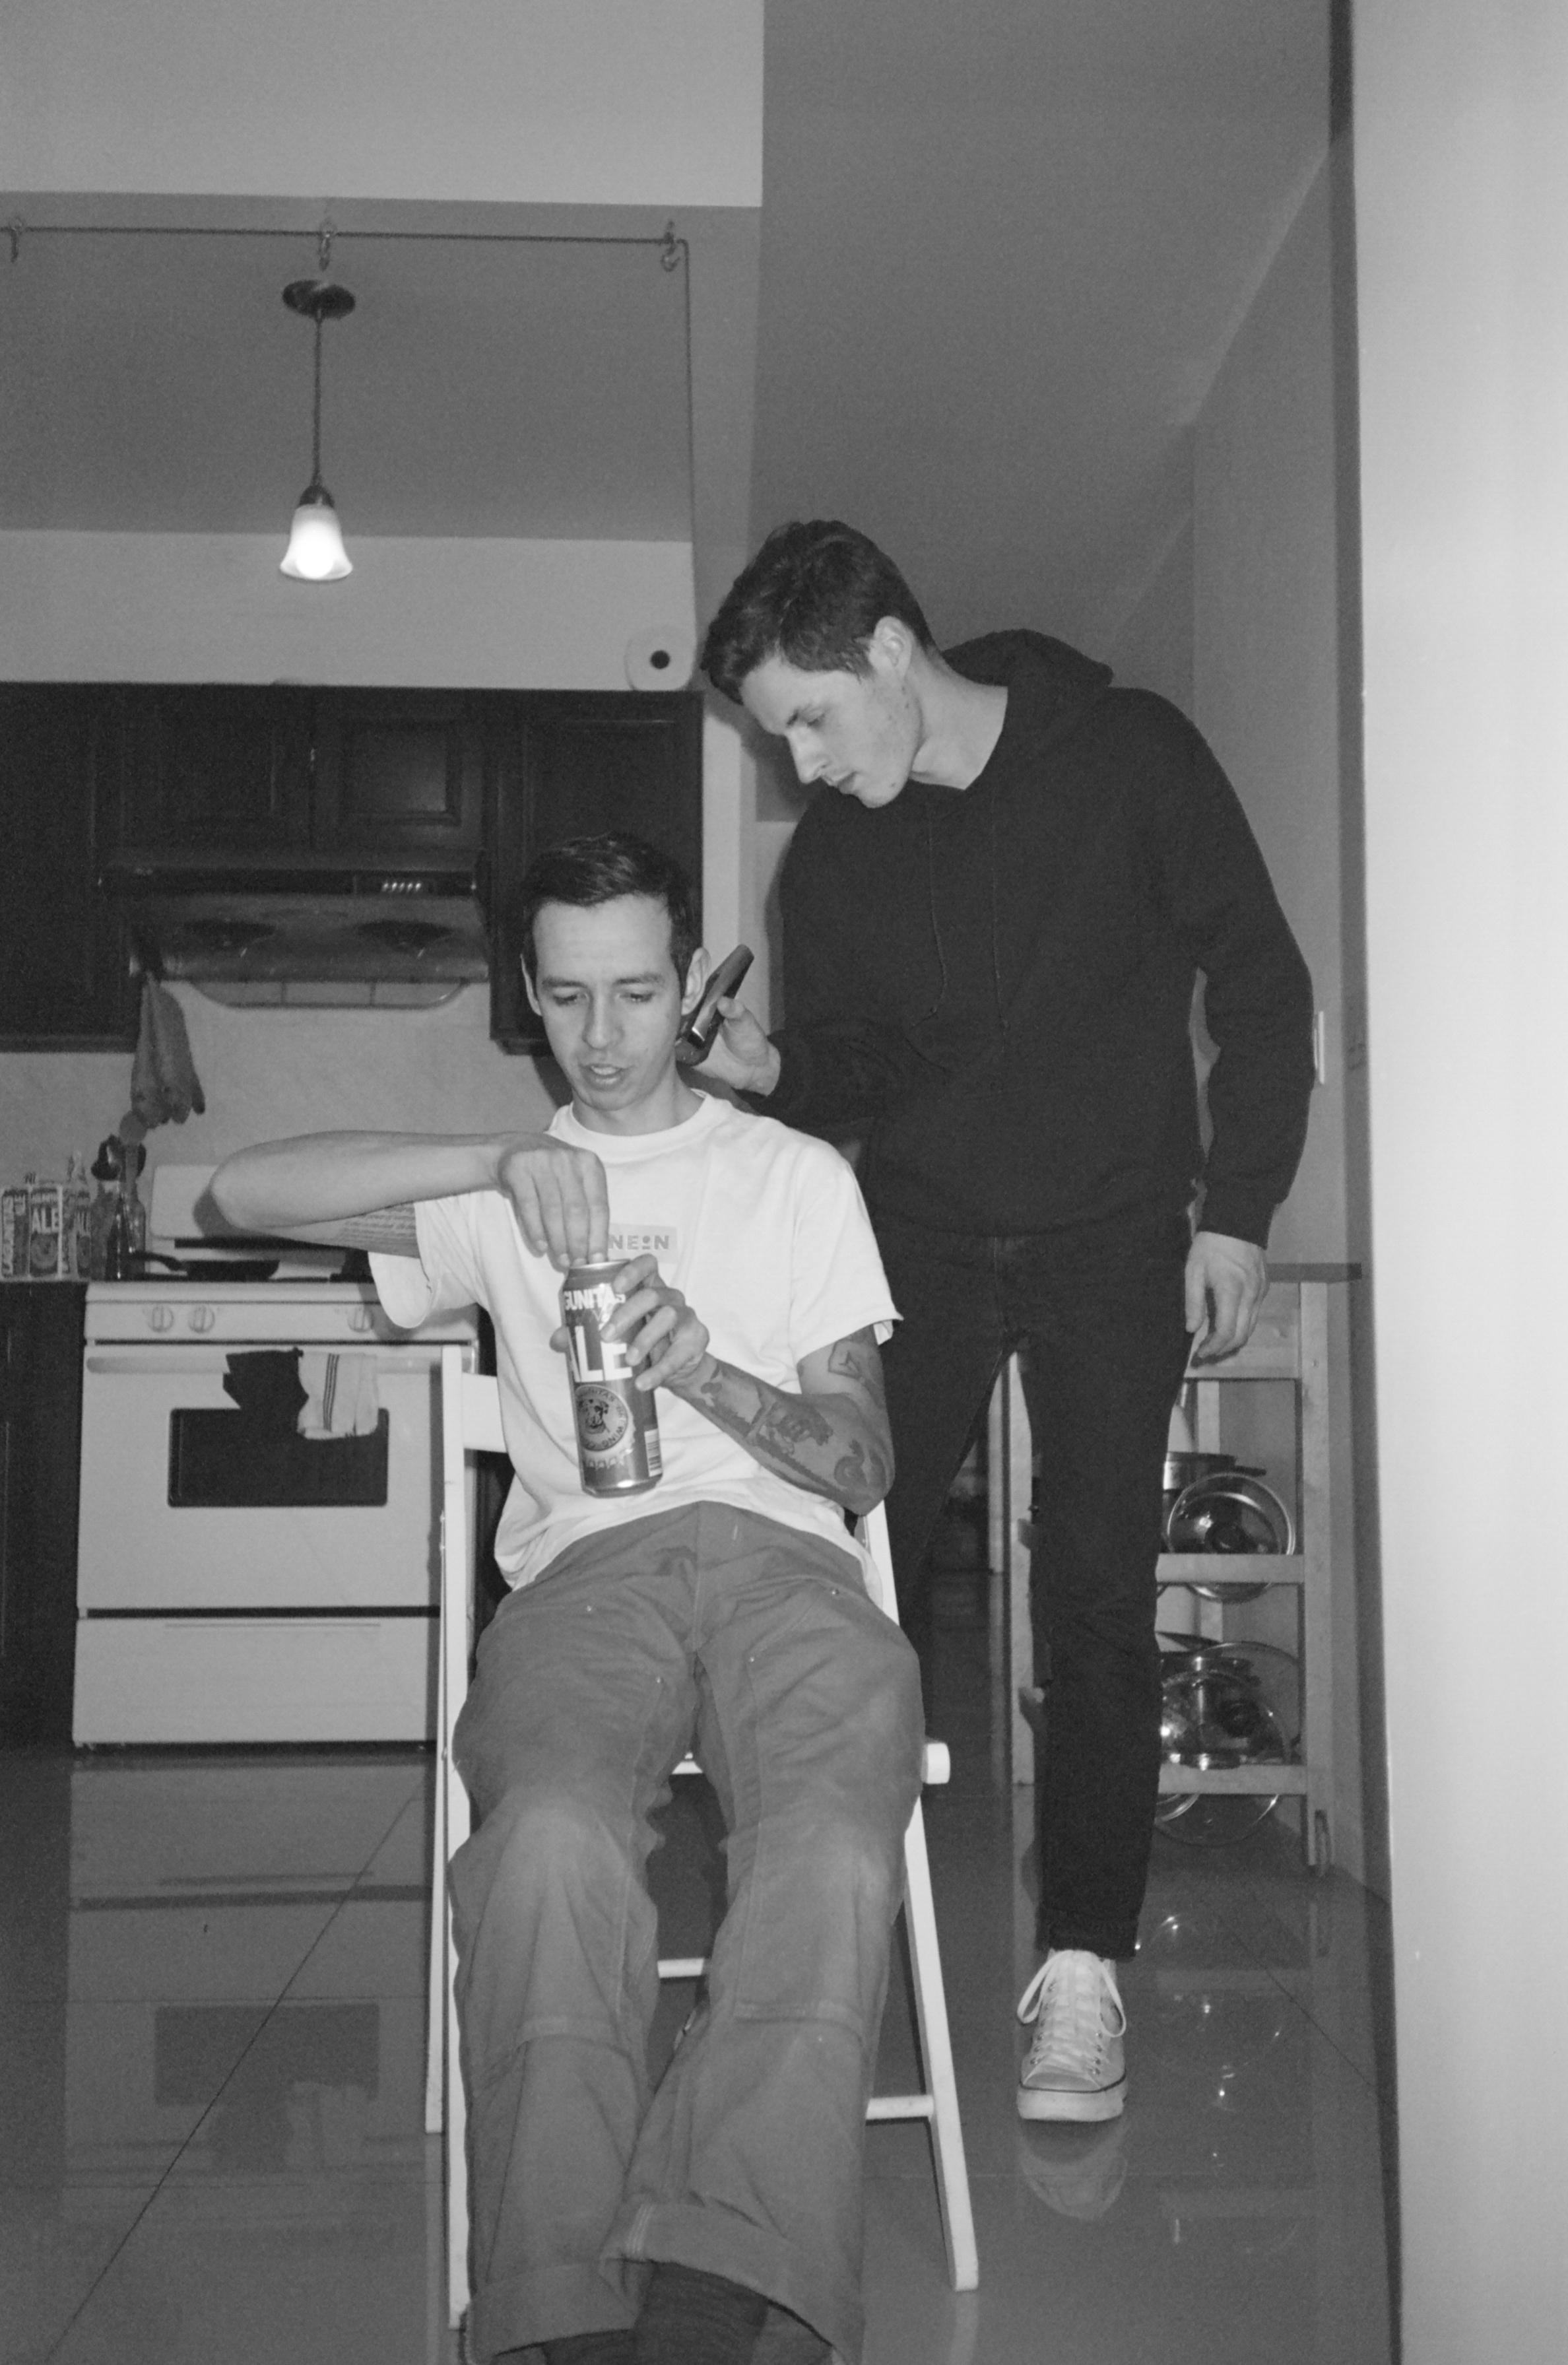 haircut4-20850011.jpg